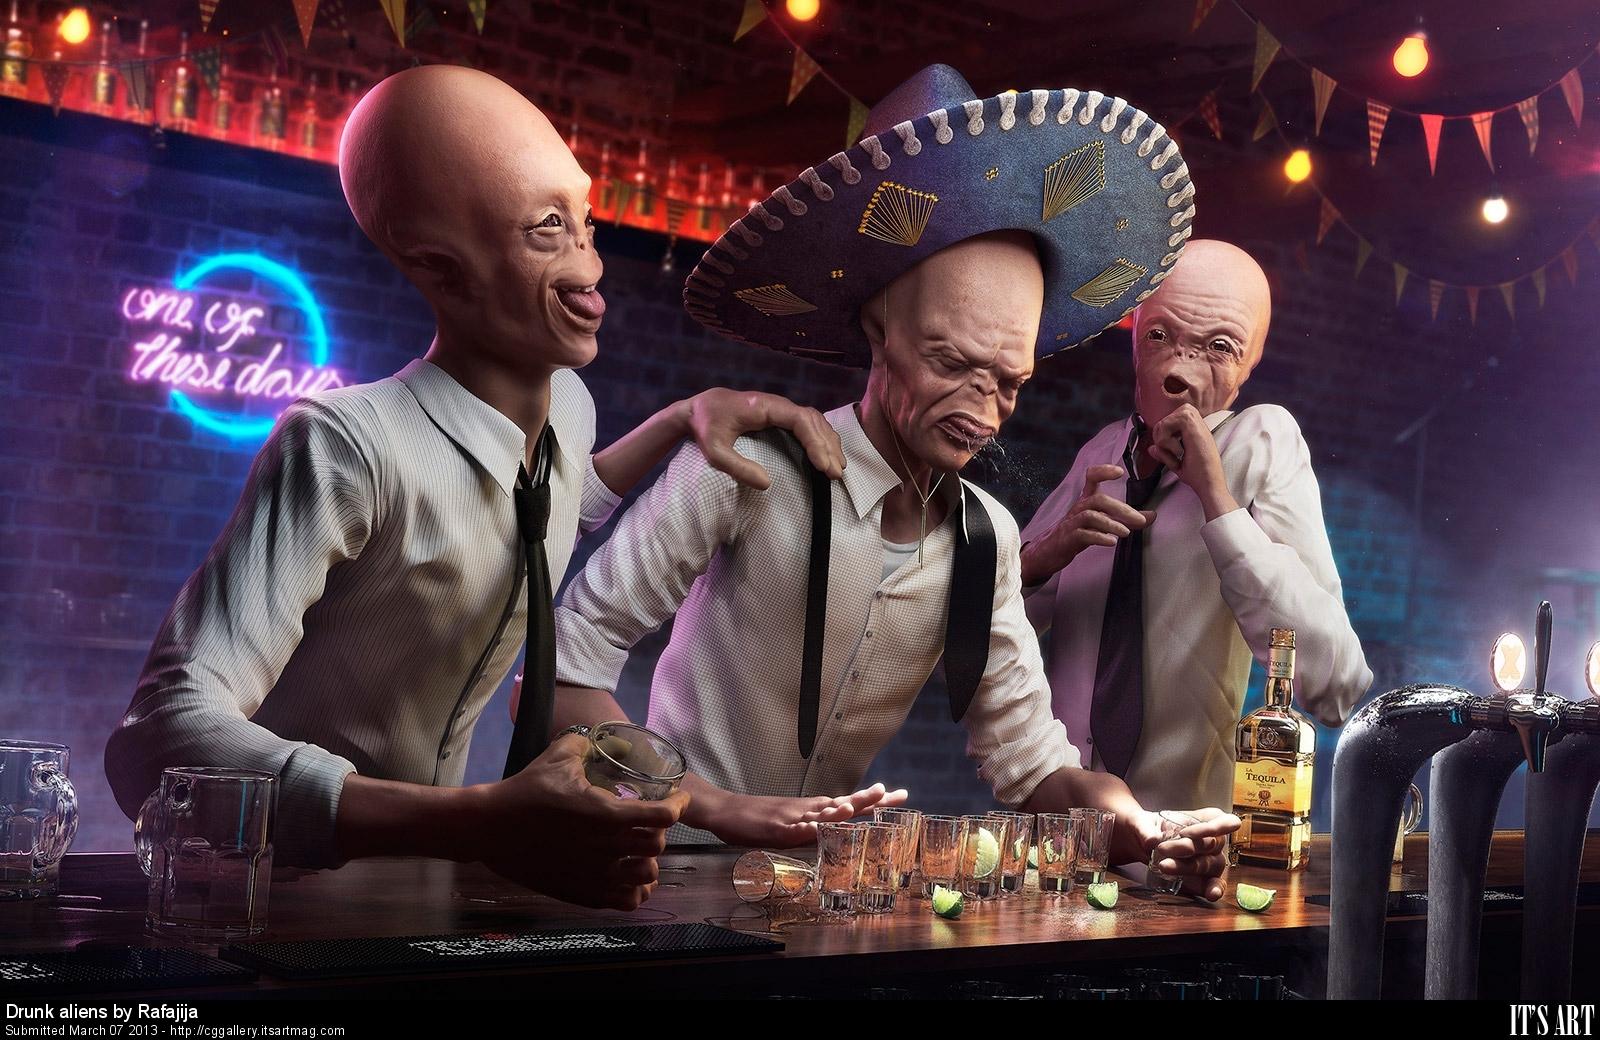 drunk-aliens-full-3dartist